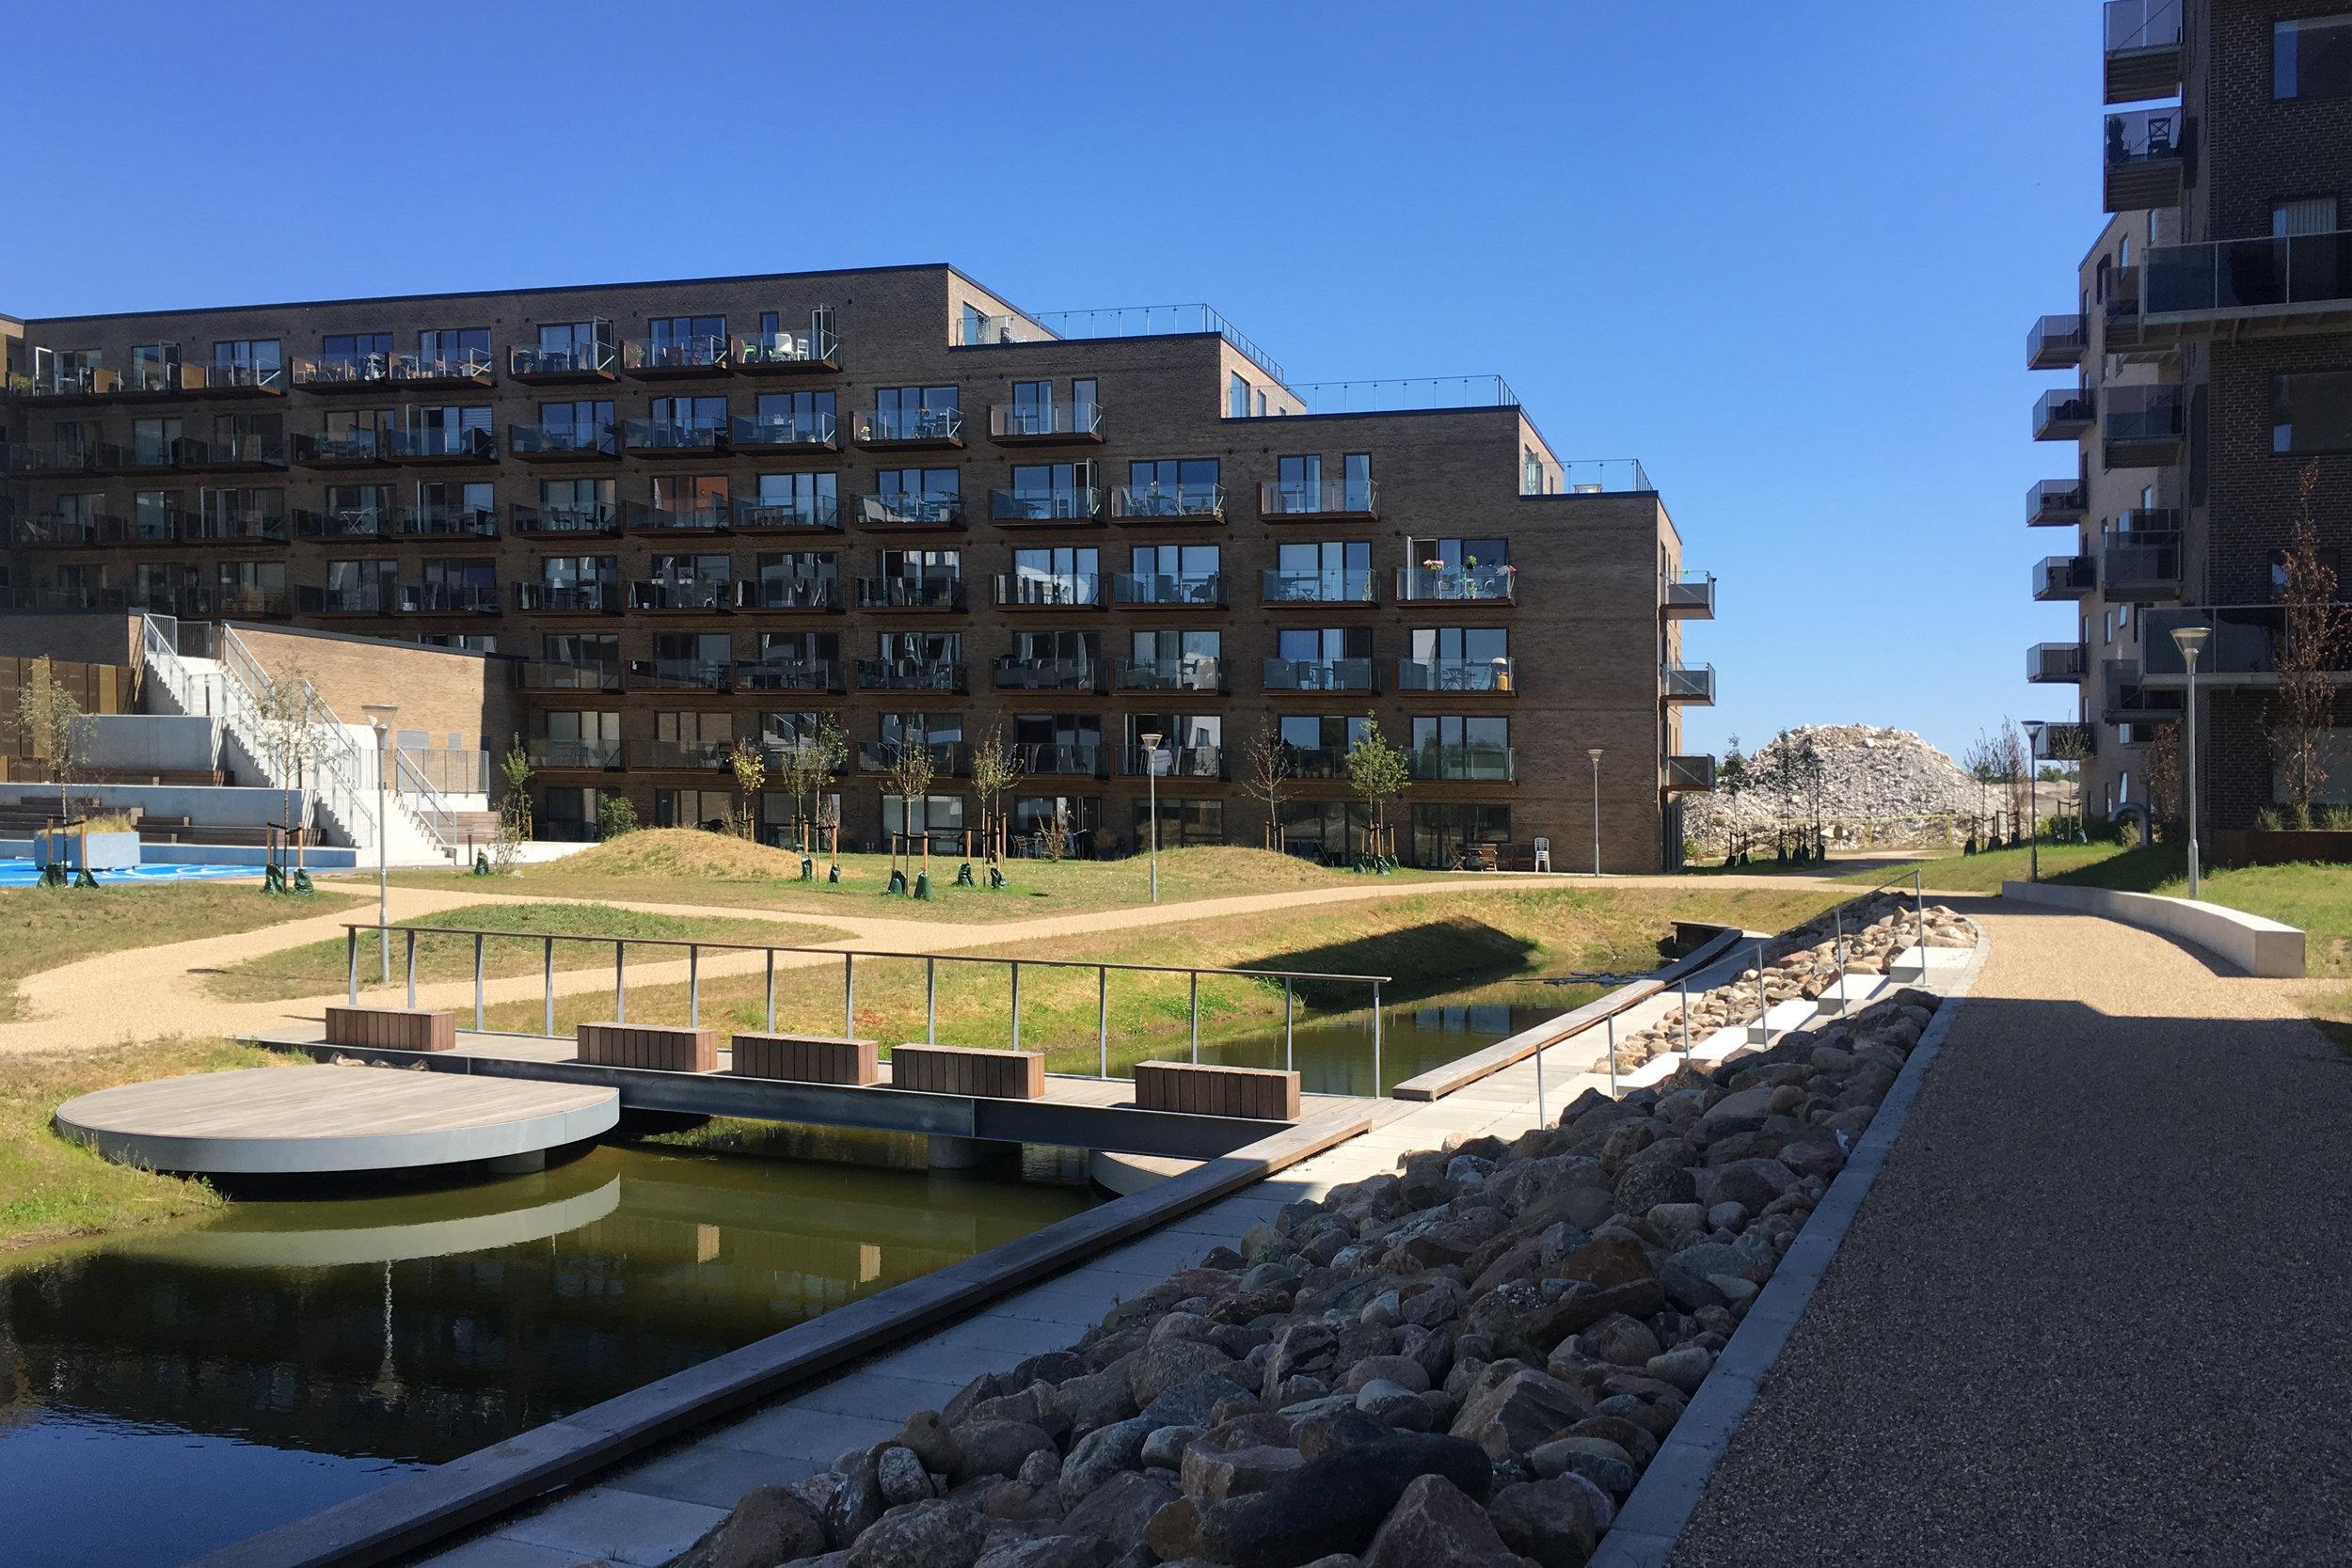 Aabyen_kvarterspark_plateauer.jpg